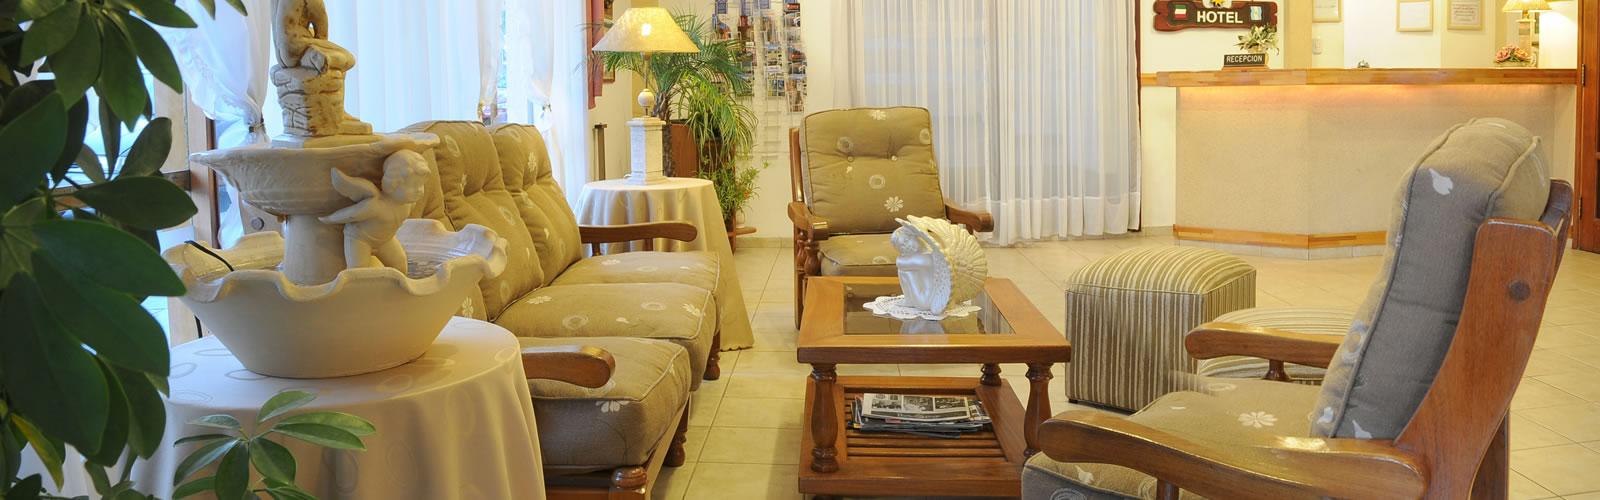 Sala de estar de Hotel Salerno en Villa Carlos Paz